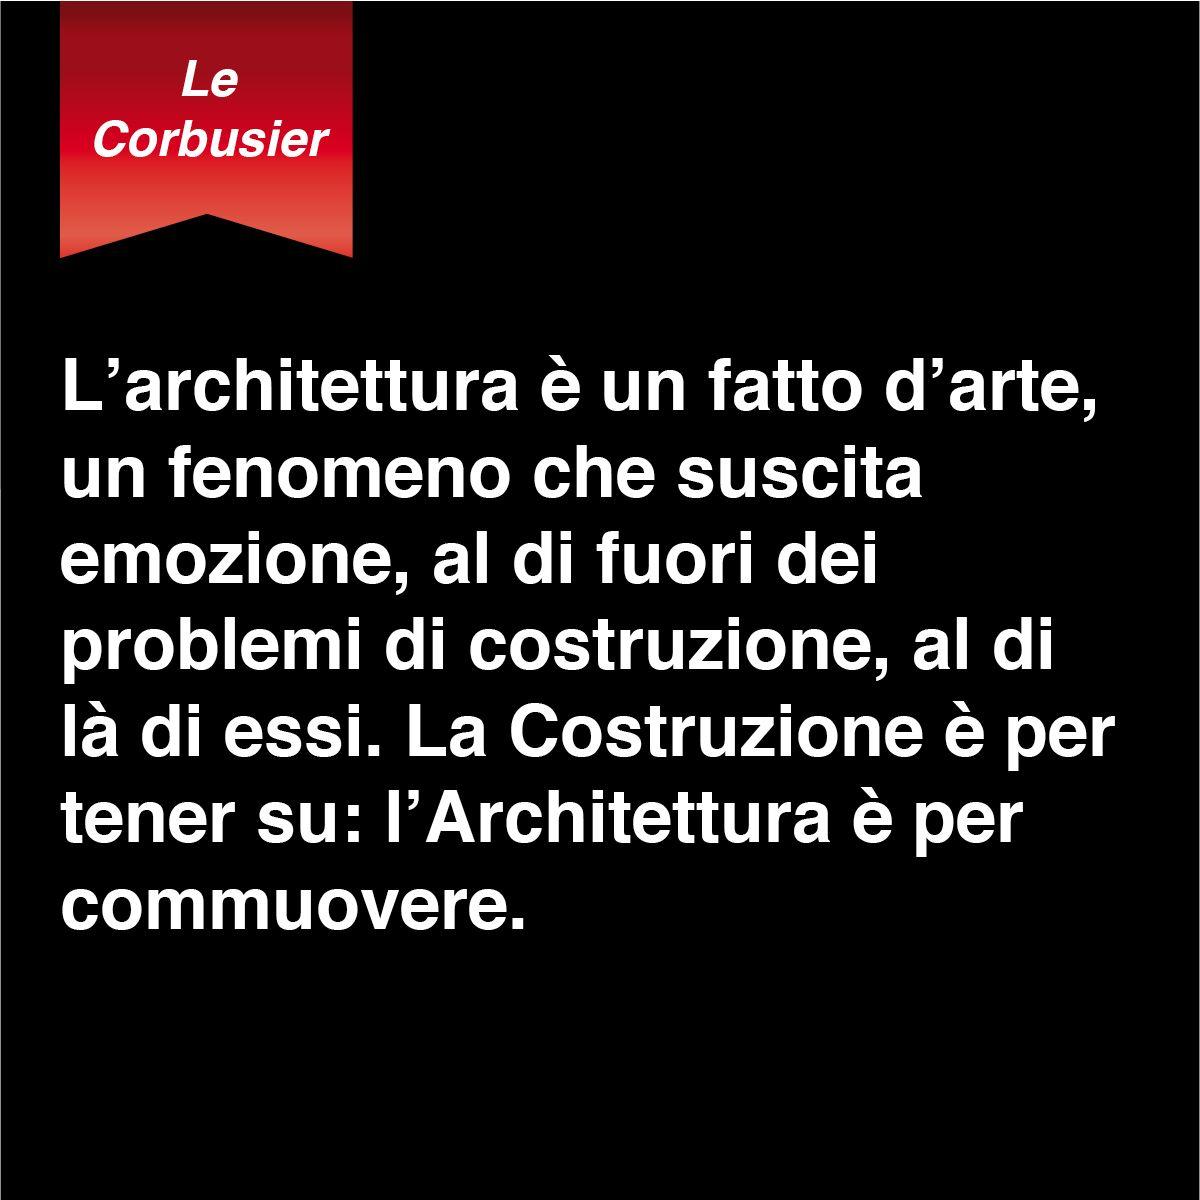 Le Corbusier Citazioni Architetto Le Corbusier